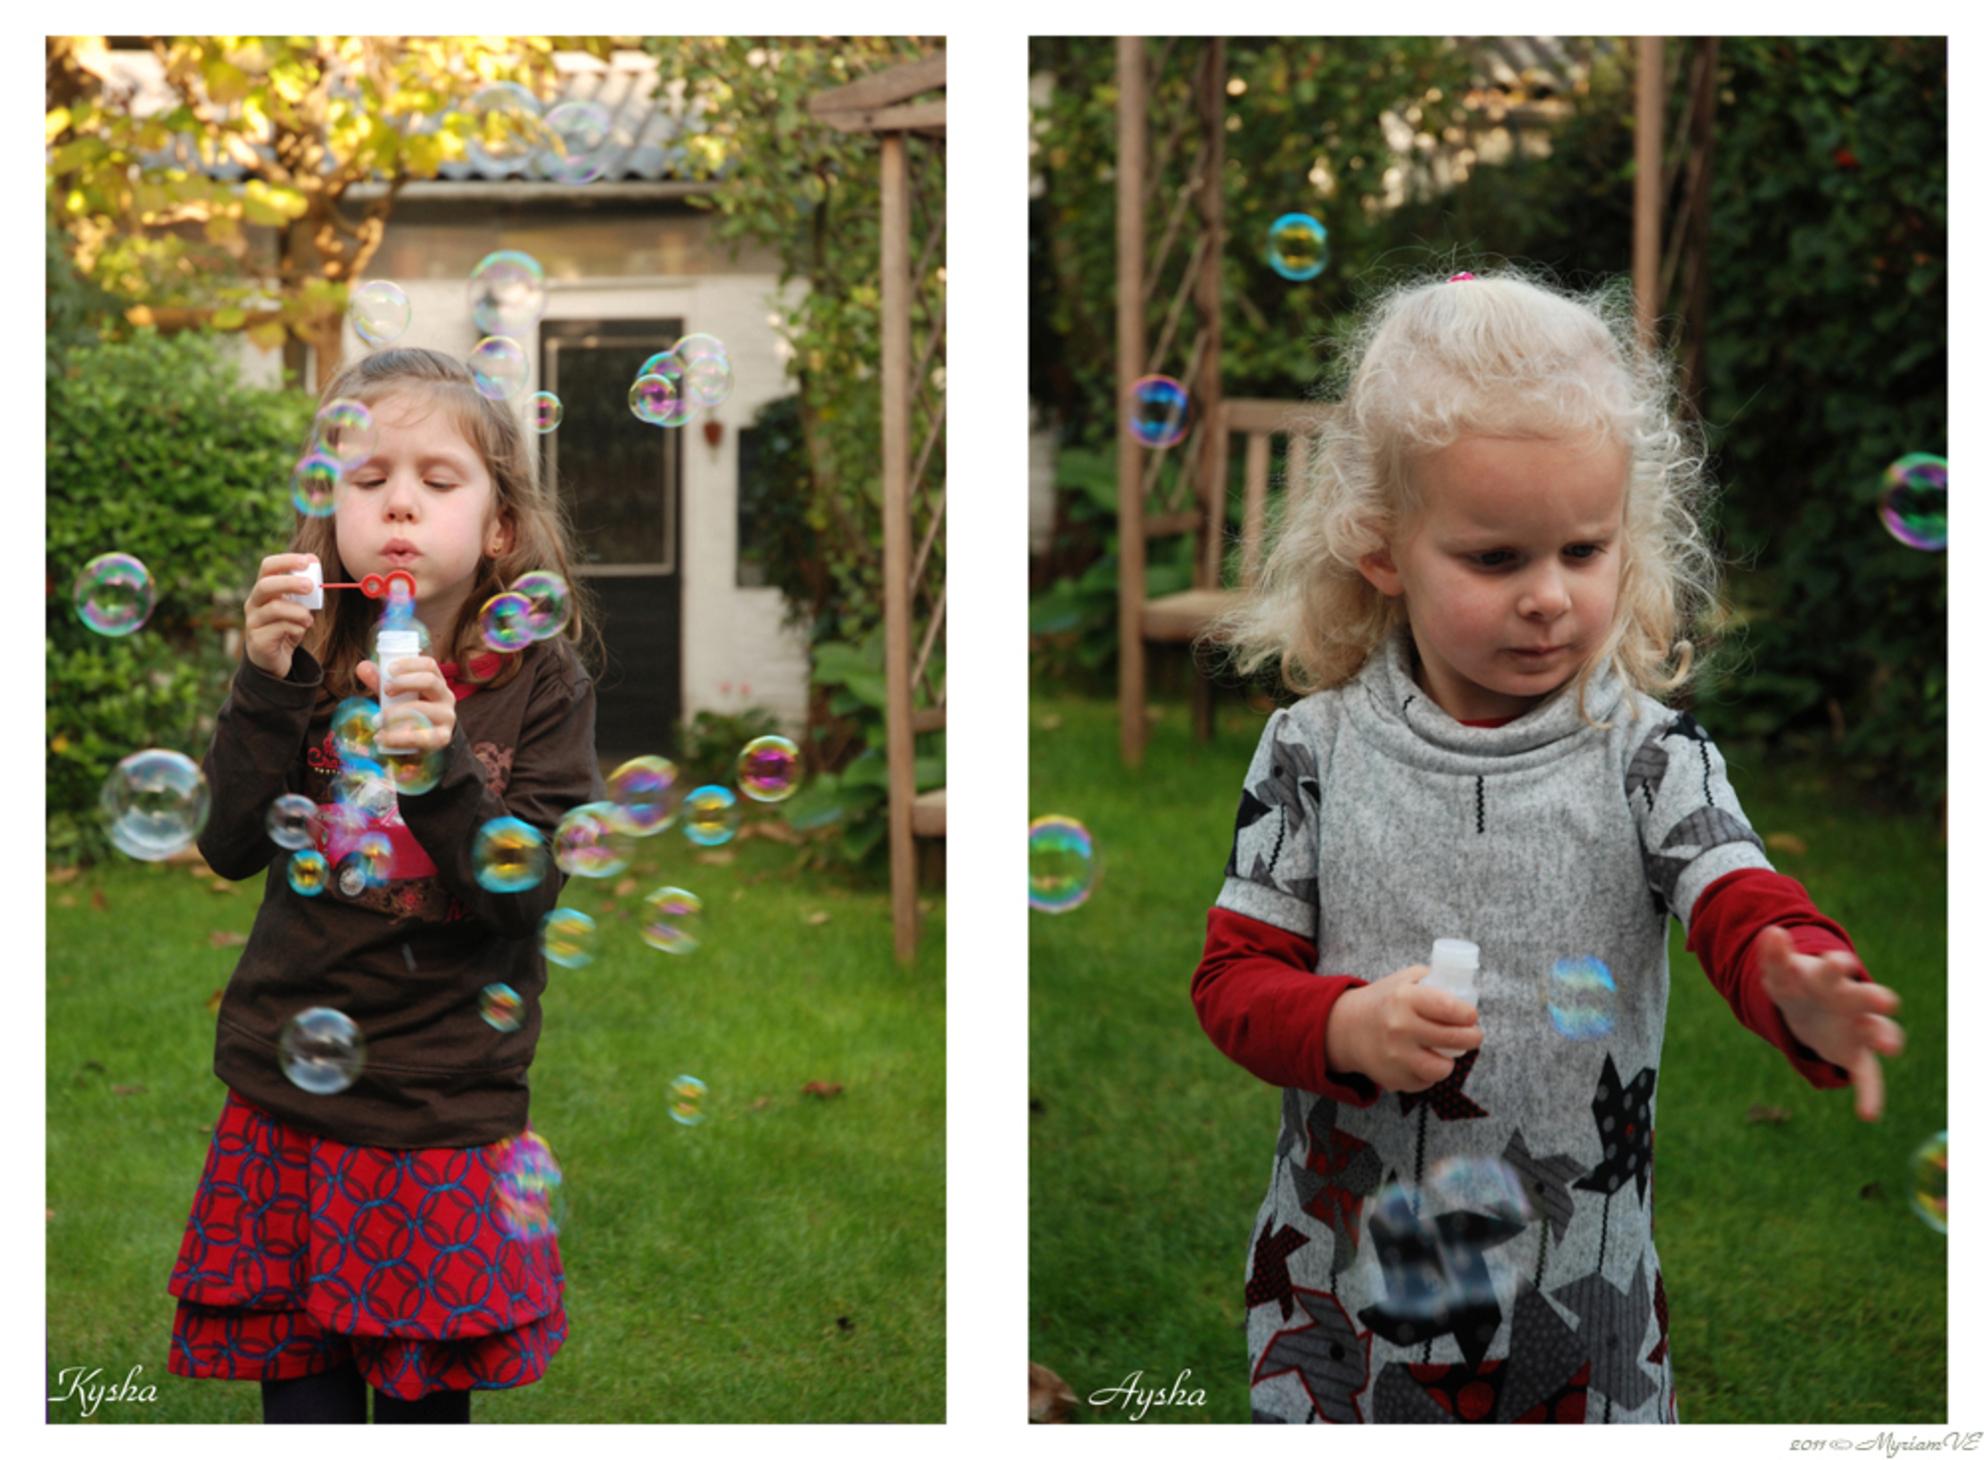 Bellen blazen en/of vangen - Woensdagmiddag 19/10/11 Kleinkinders (6j. en bijna 4j.) in de herfst-tuin: bellen blazen ... puur plezier :-) - foto door MyriamVE op 21-10-2011 - deze foto bevat: bellen, blazen, kleinkinderen - Deze foto mag gebruikt worden in een Zoom.nl publicatie